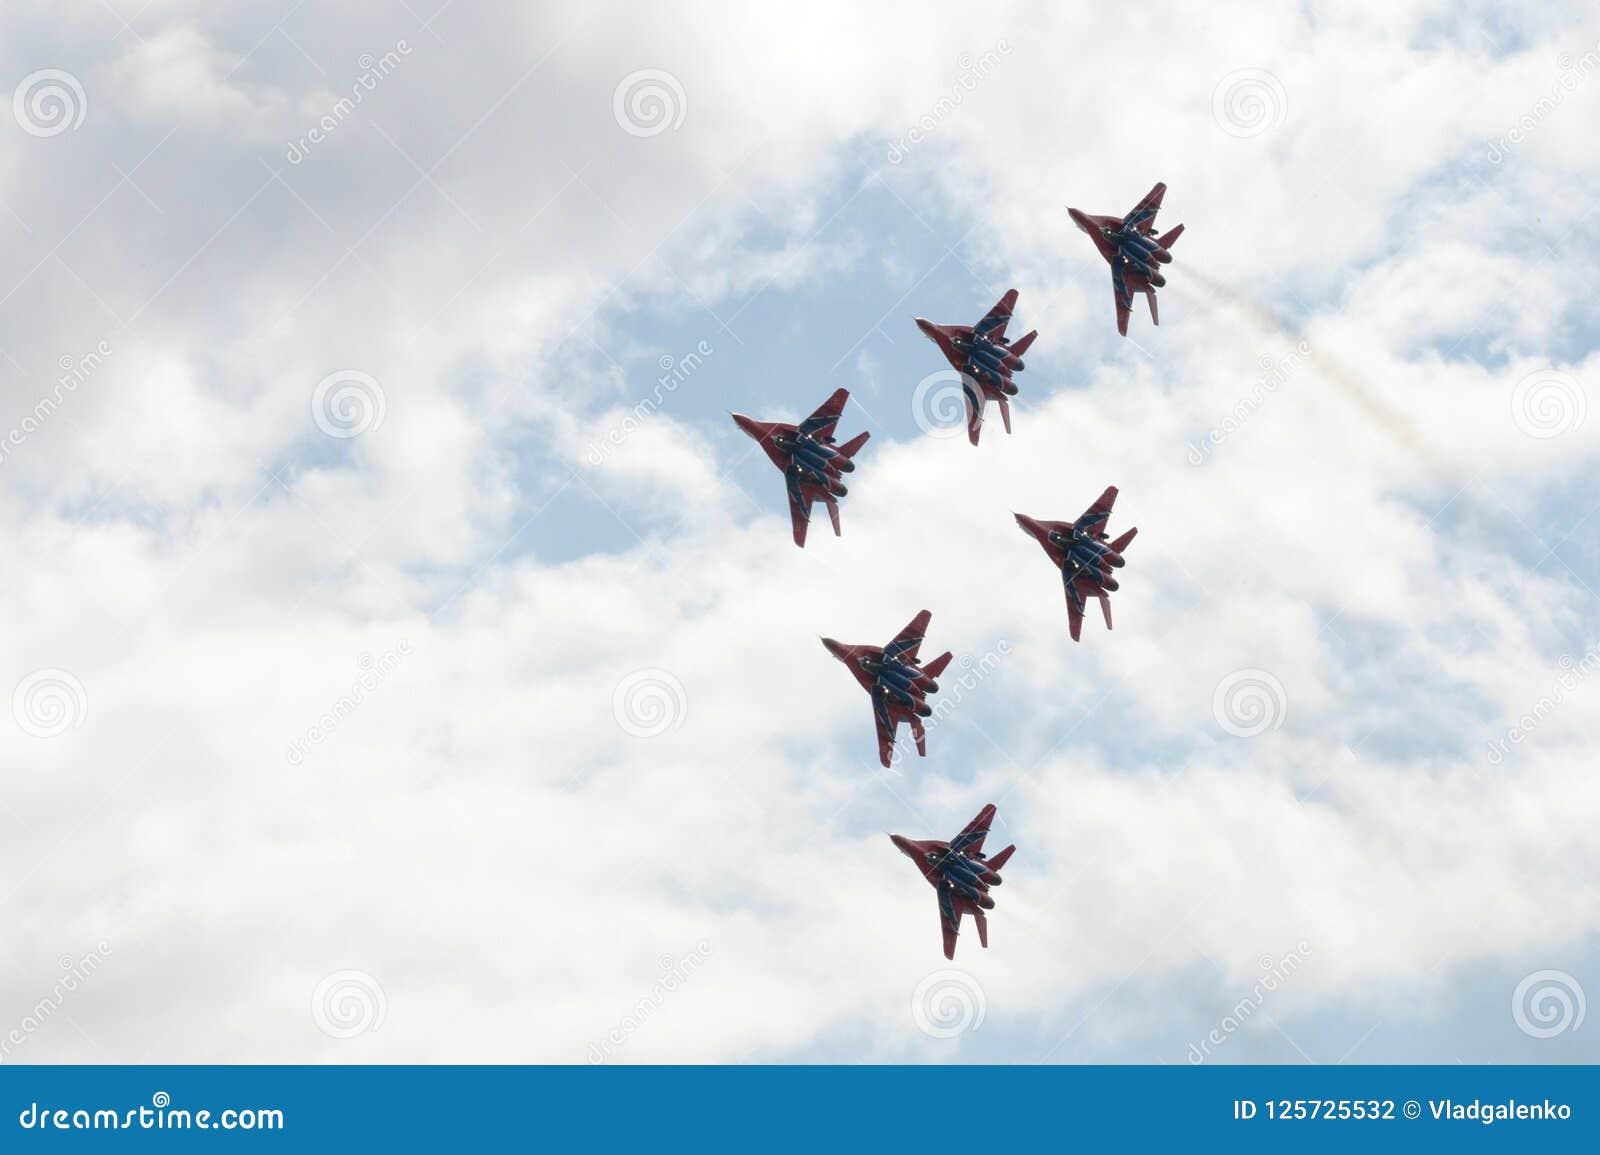 Desempenho da equipe aerobatic de Swifts nos lutadores MiG-29 altamente manobráveis de múltiplos propósitos sobre o aeródromo de